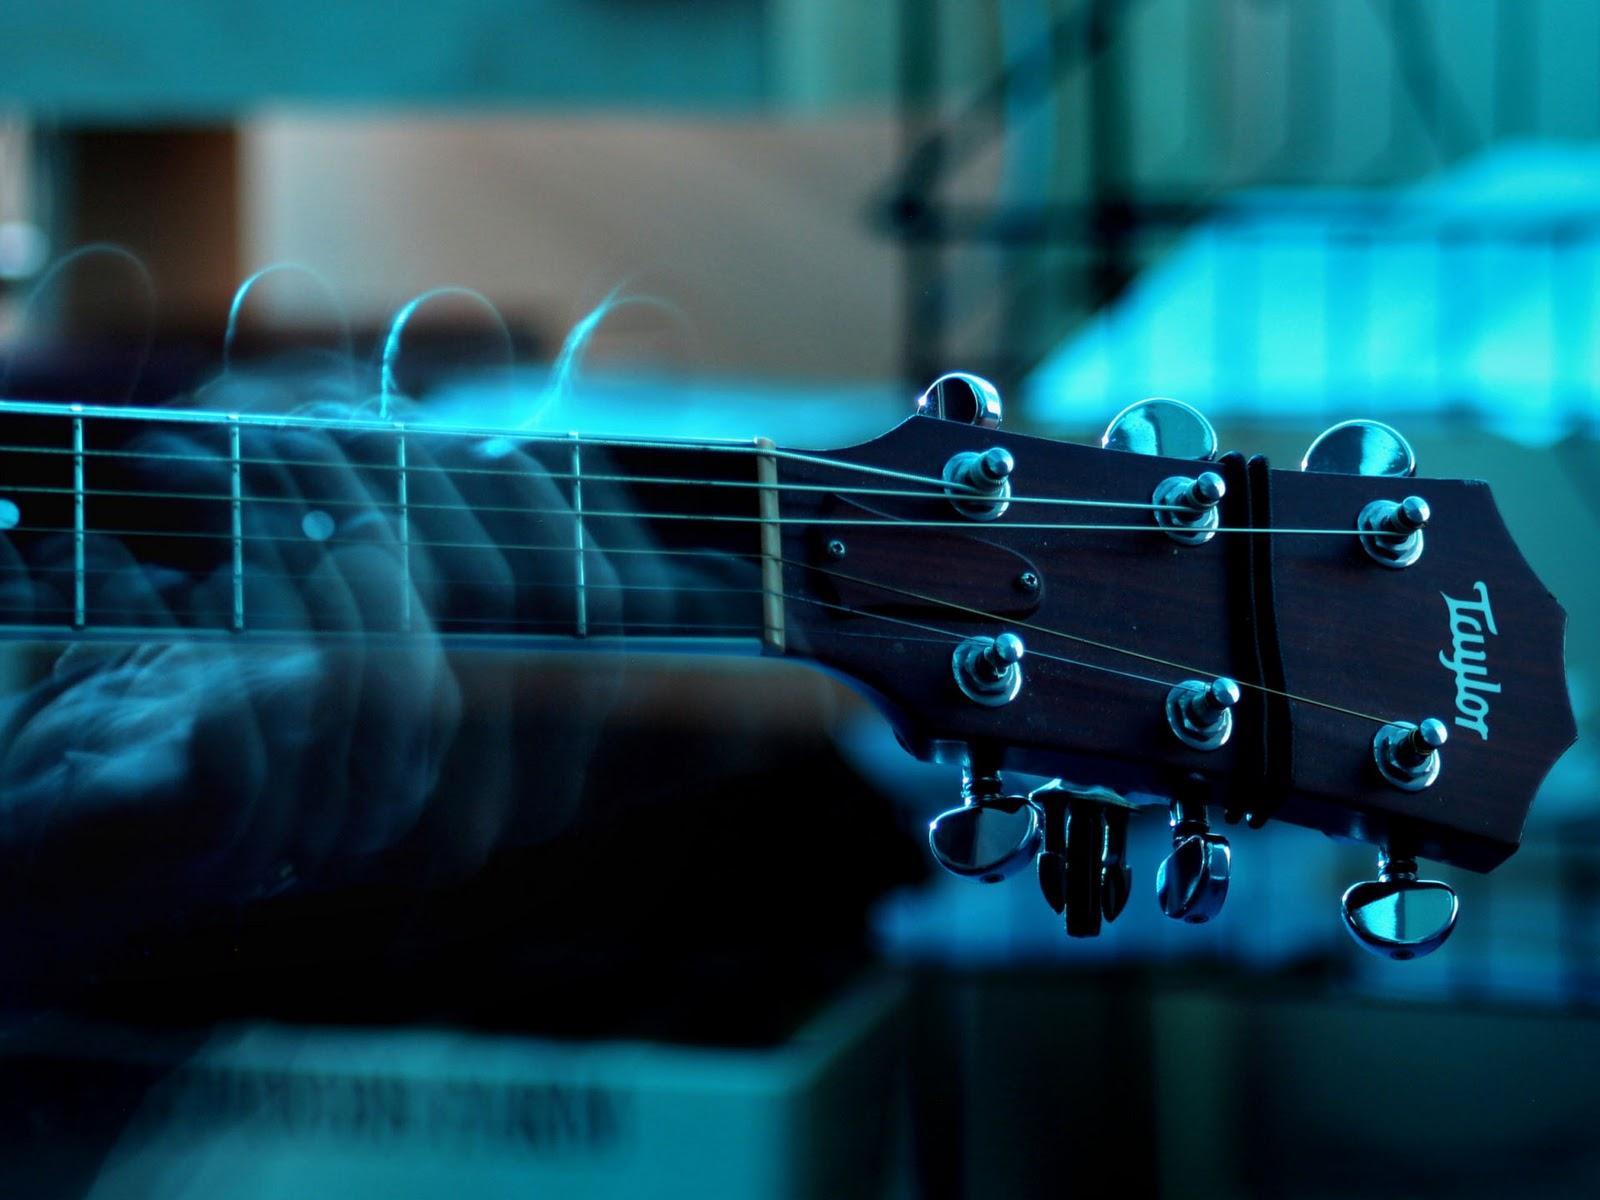 Playing%2BTaylor%2BGuitar%2BMusic%2BDesktop%2BHD%2BWallpaper%2B1920x1440%2Bwww.greatguitarsound.blogspot.com Music Wallpaper Hd